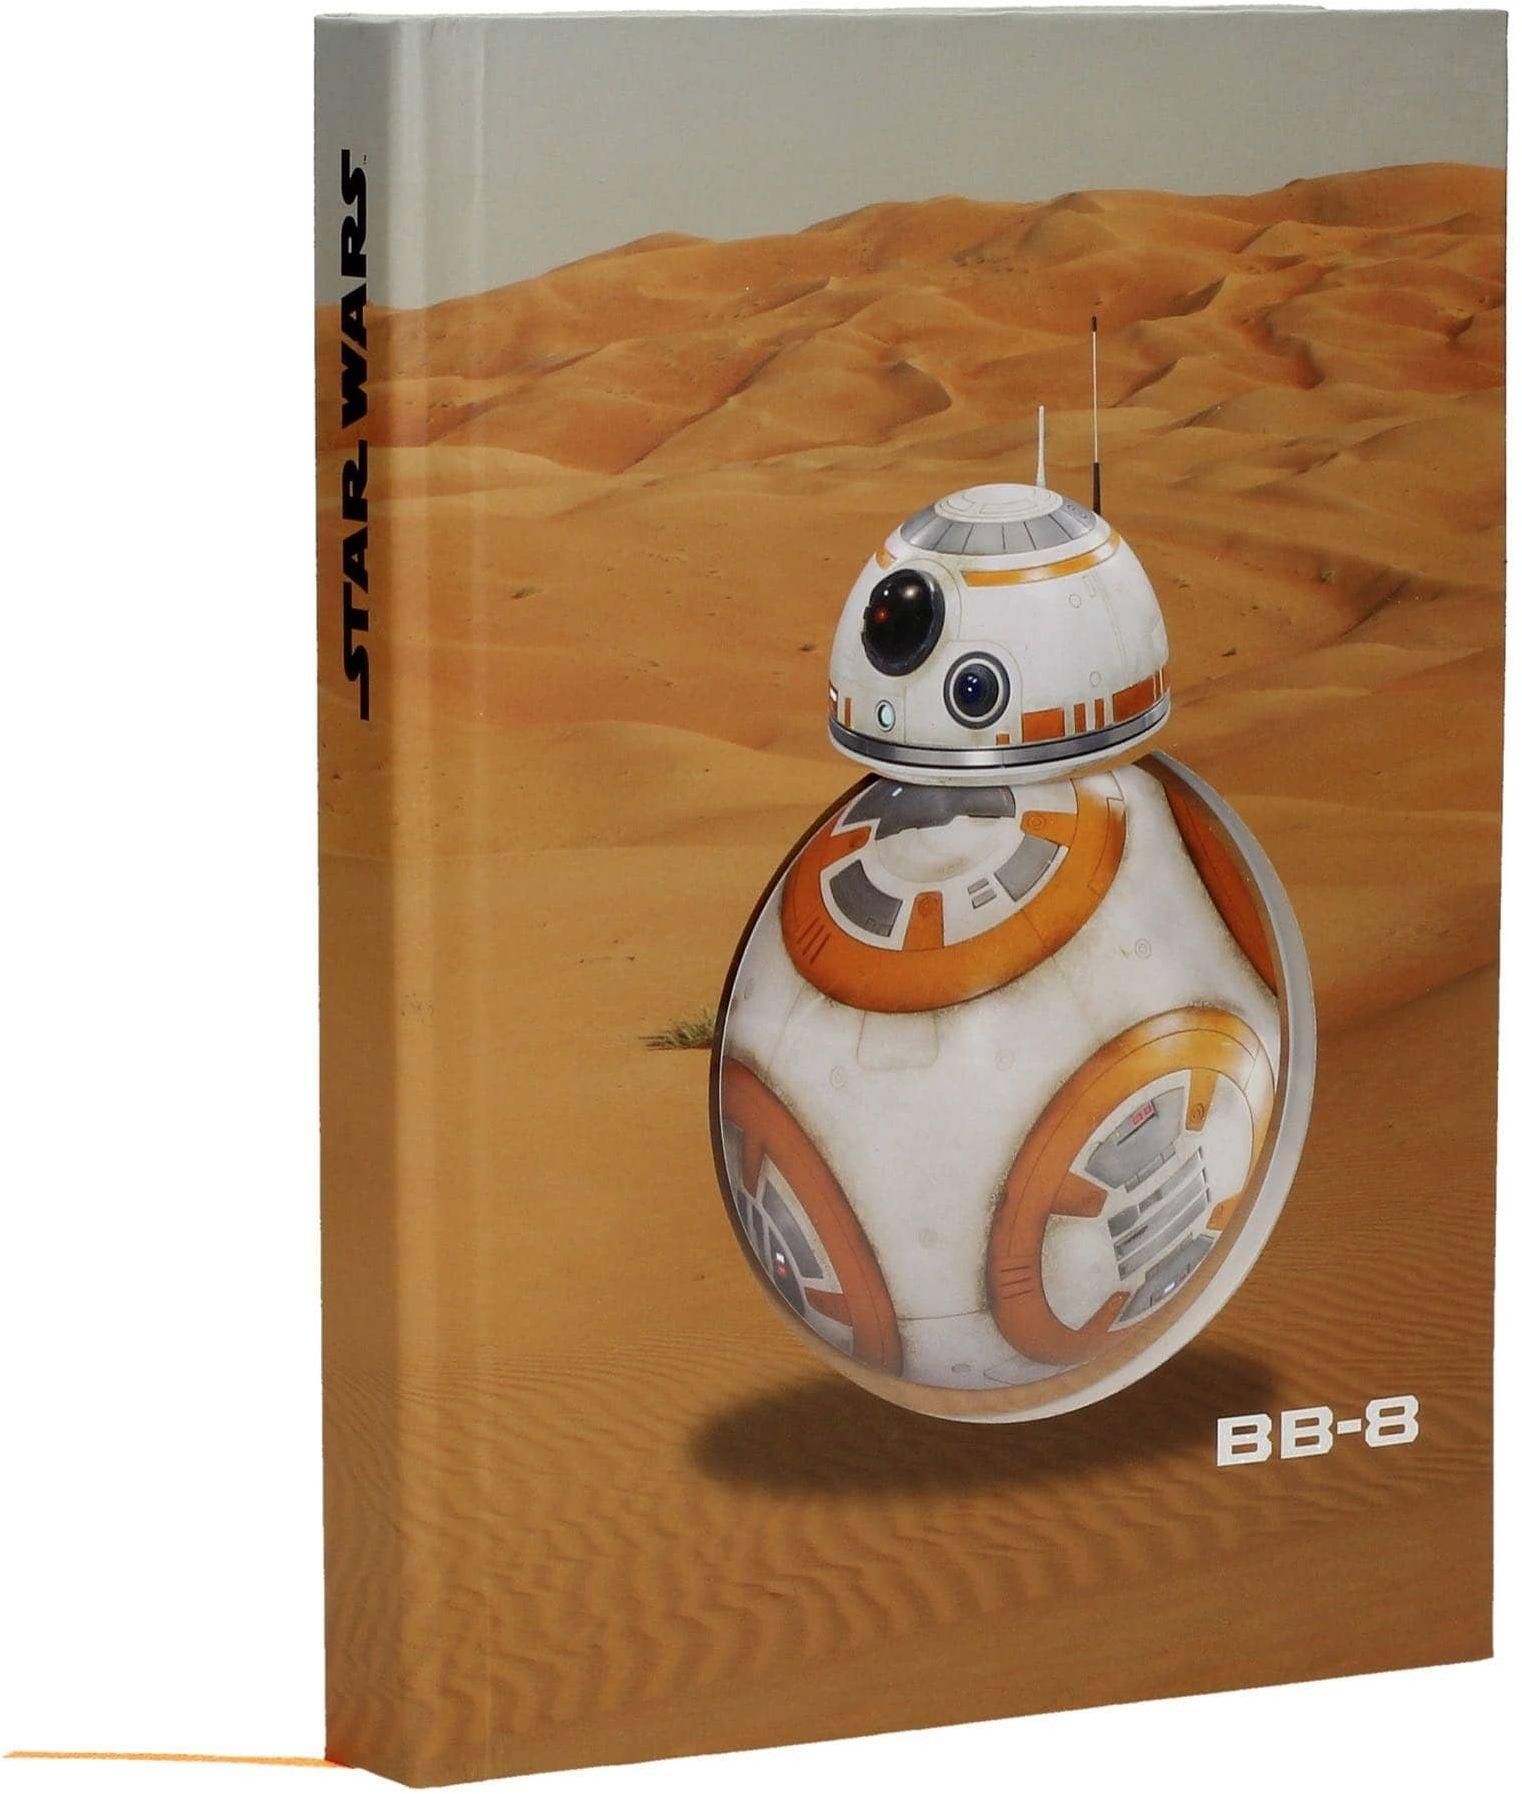 Star Wars SDTSDT89248 pustynny styl notatnika ze światłem, dźwiękiem i ruchem Bb-8, Episode 7